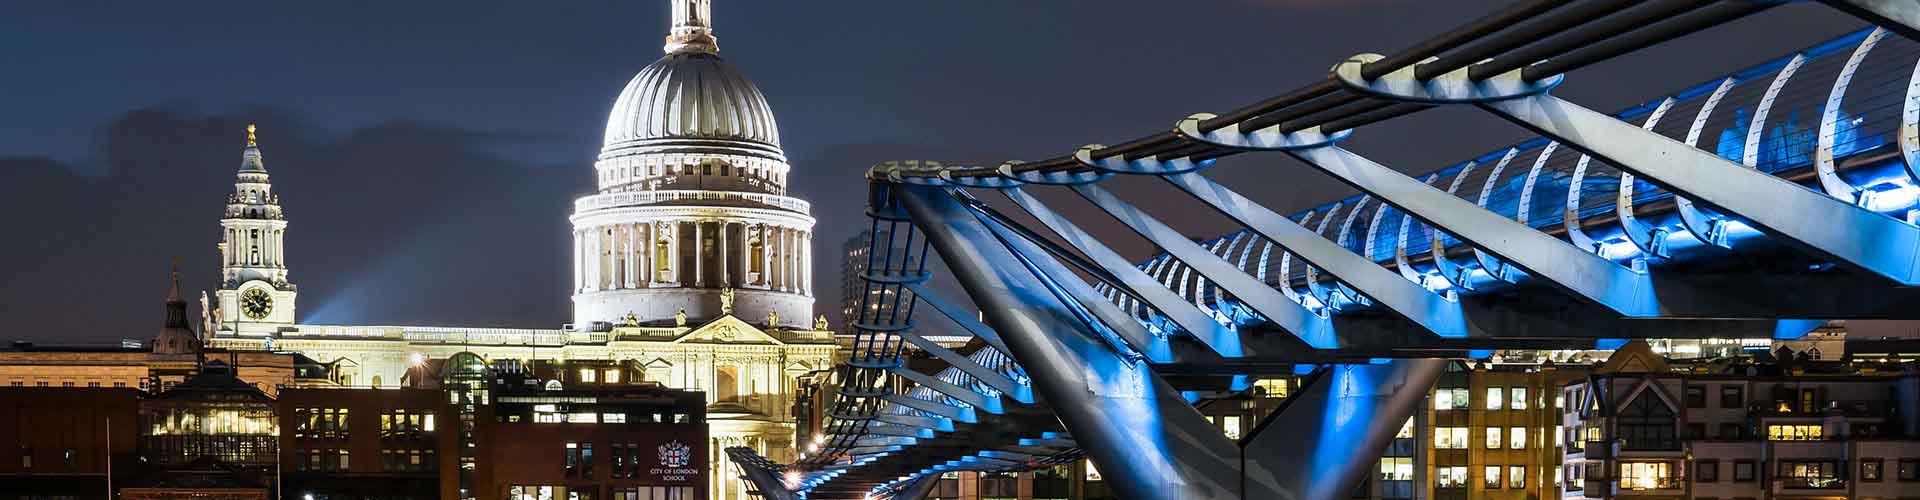 伦敦 – St Paul's Cathedral附近的宾馆。伦敦地图,伦敦每间宾馆的照片和评价。